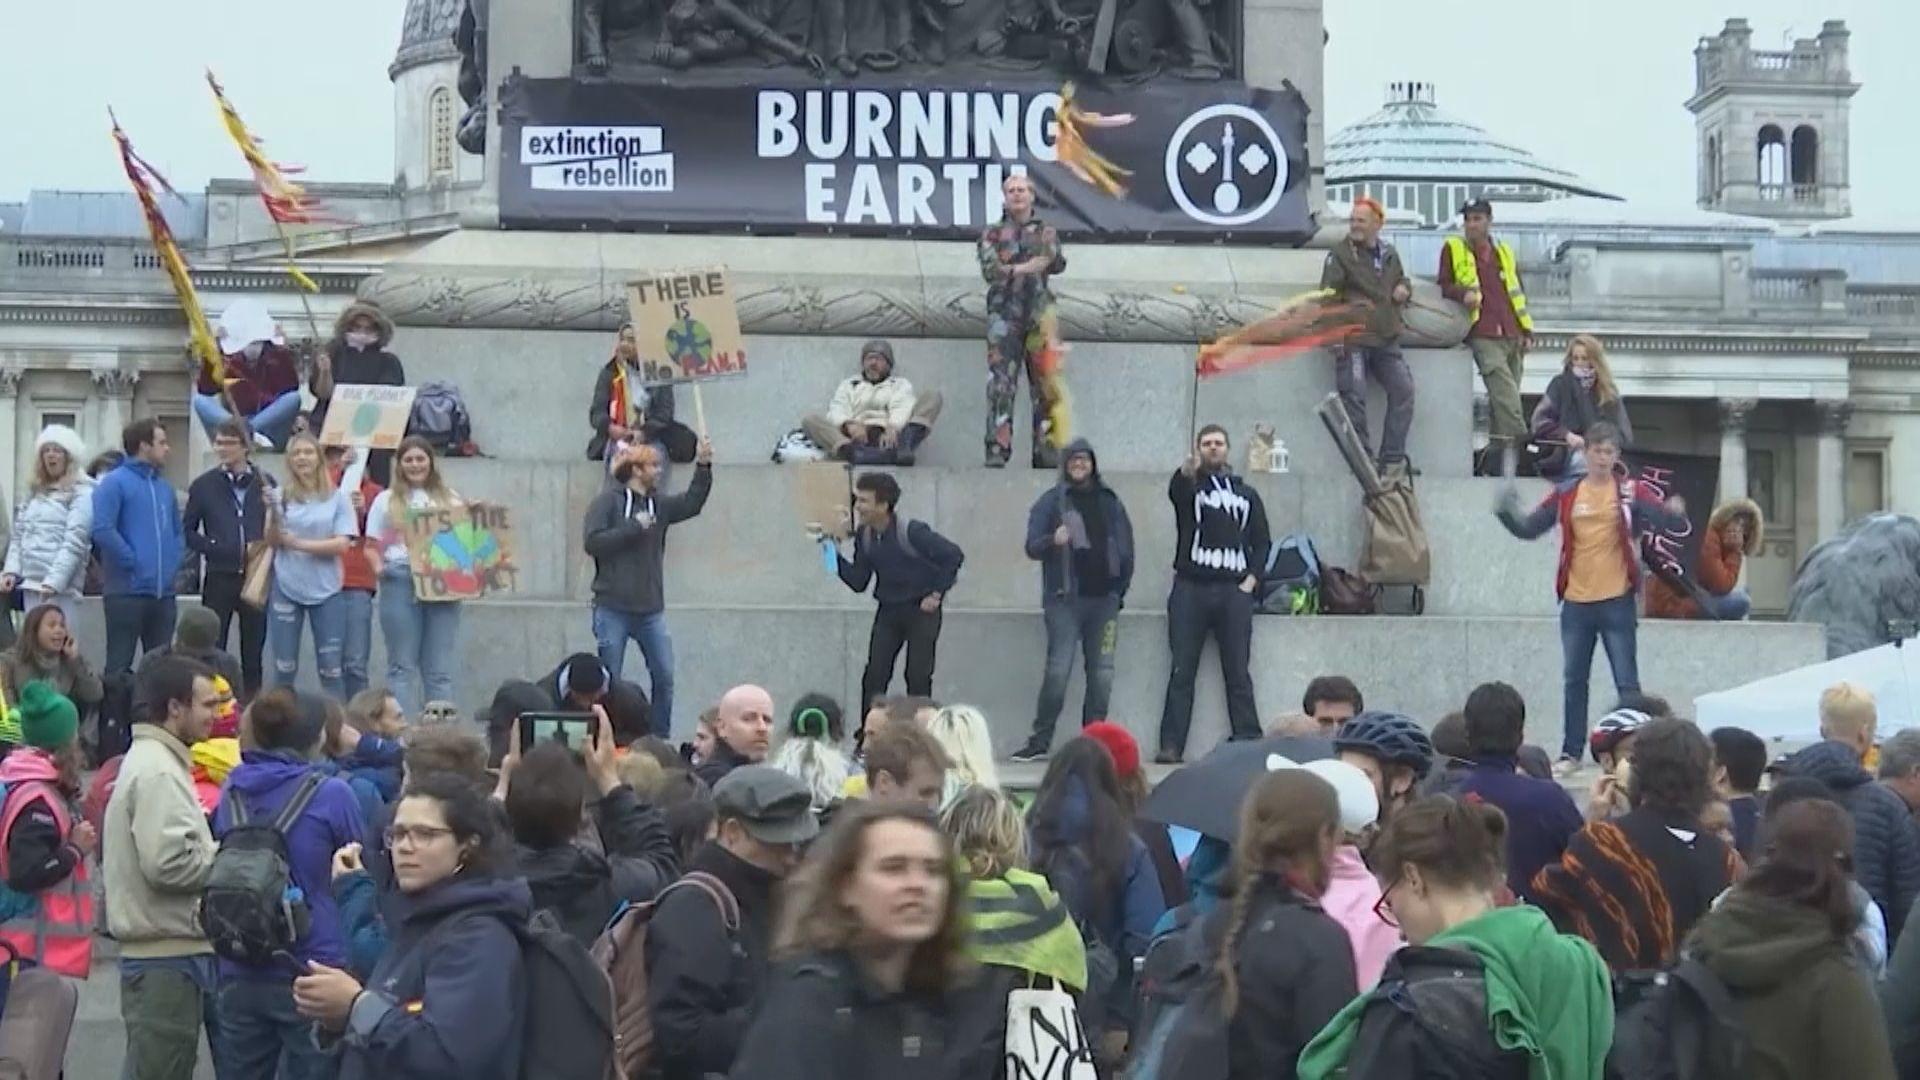 多個大城市有民眾示威促對抗全球暖化